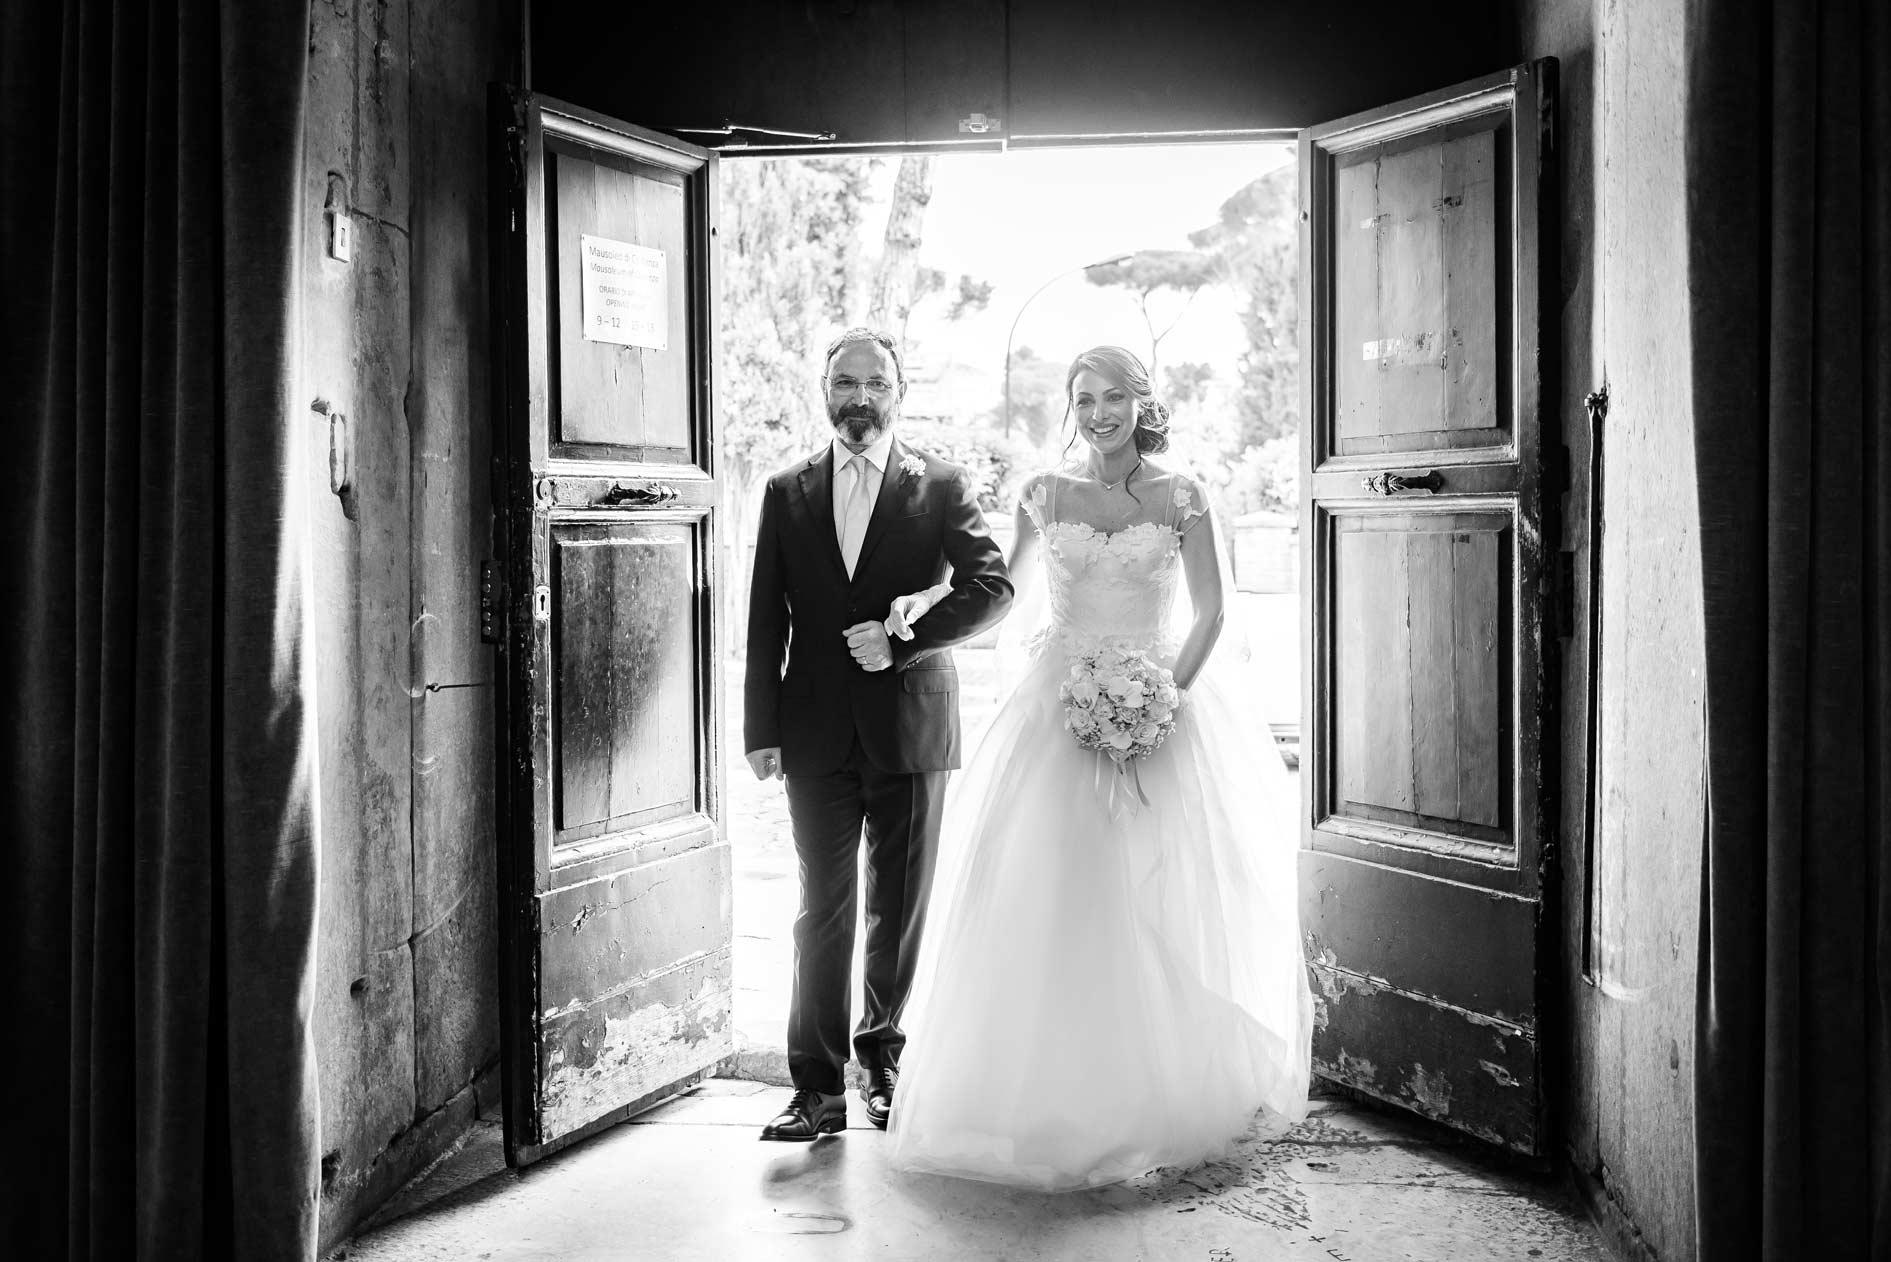 Fotografo-Di-Matrimonio-Stile-Reportage-Cerimonia